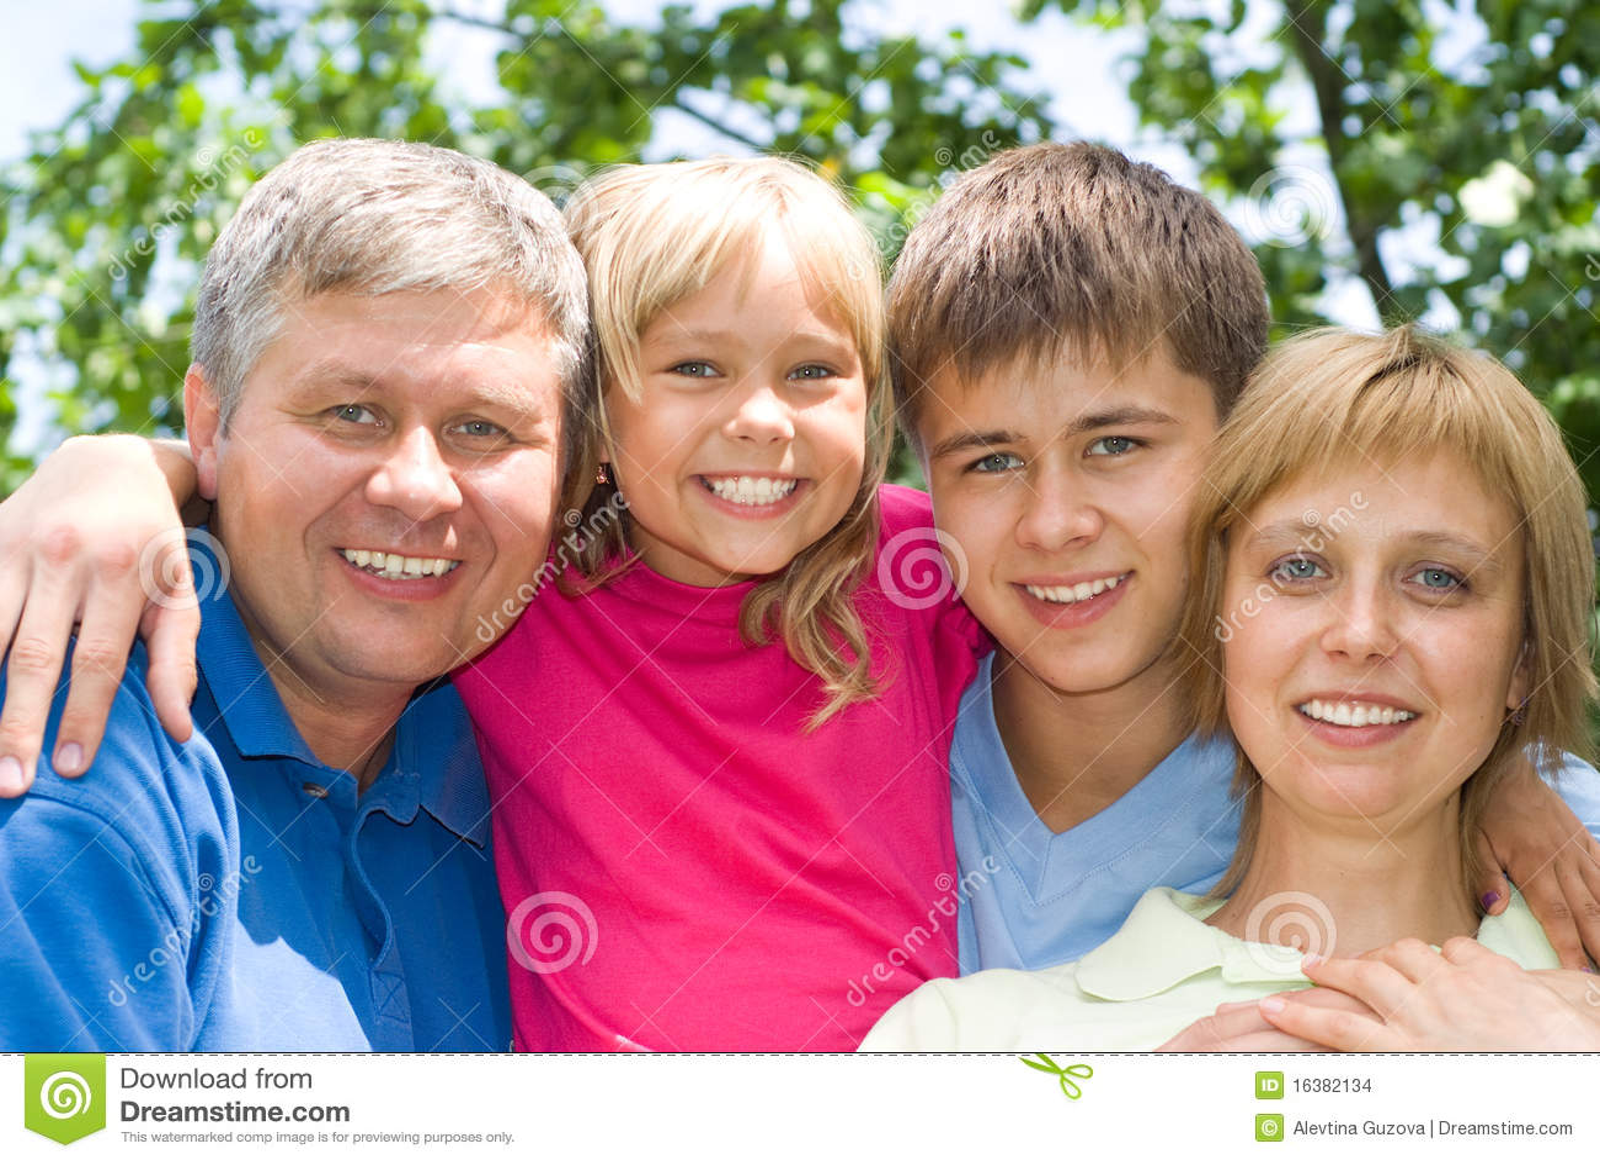 Z rodzicem szczęśliwi dzieci